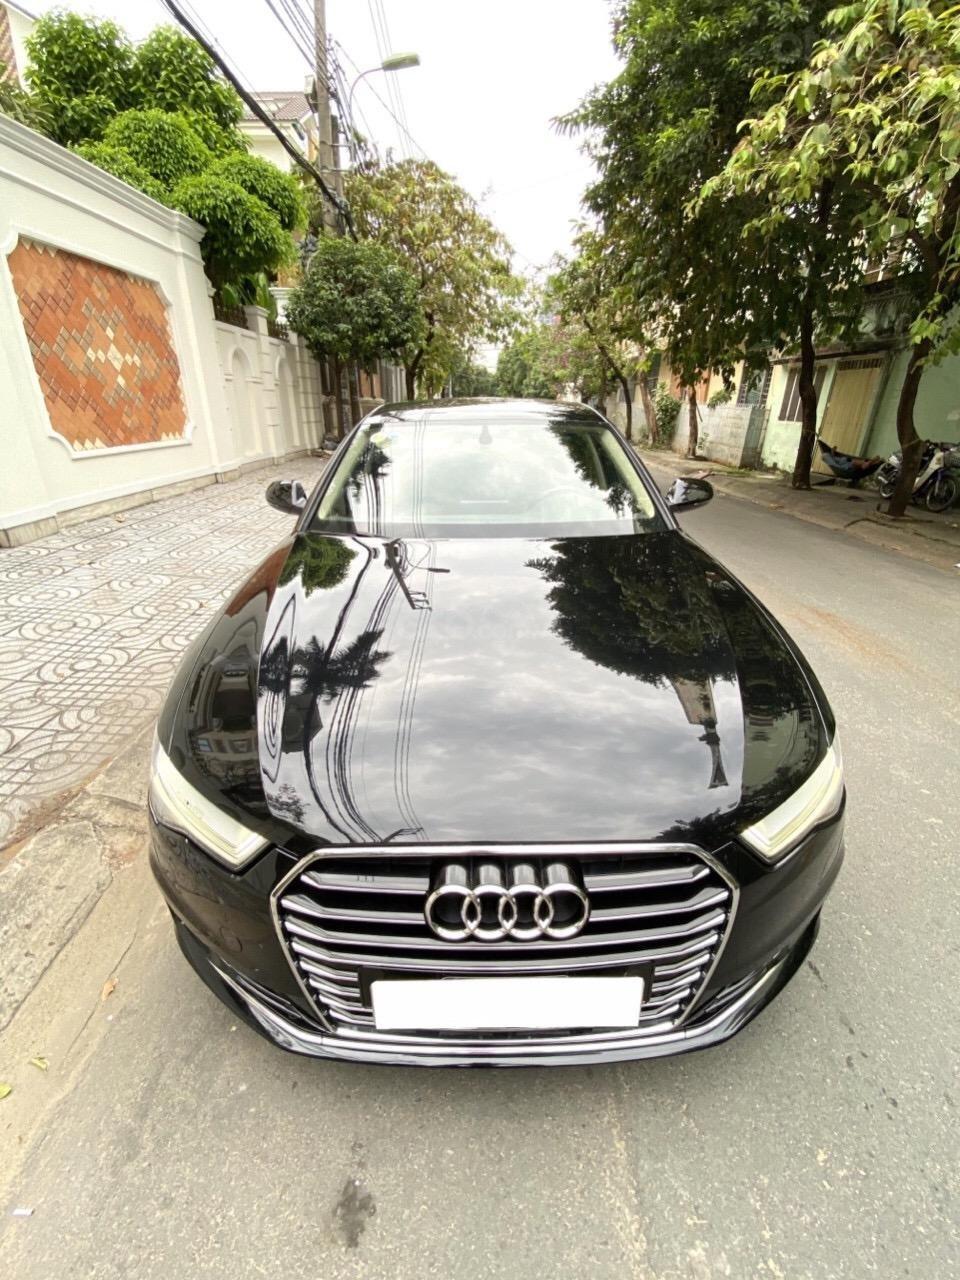 Bán Audi A6 2015 đăng ký 2017 màu đen nội thất kem  xe đẹp, không lỗi bao check tại hãng (9)